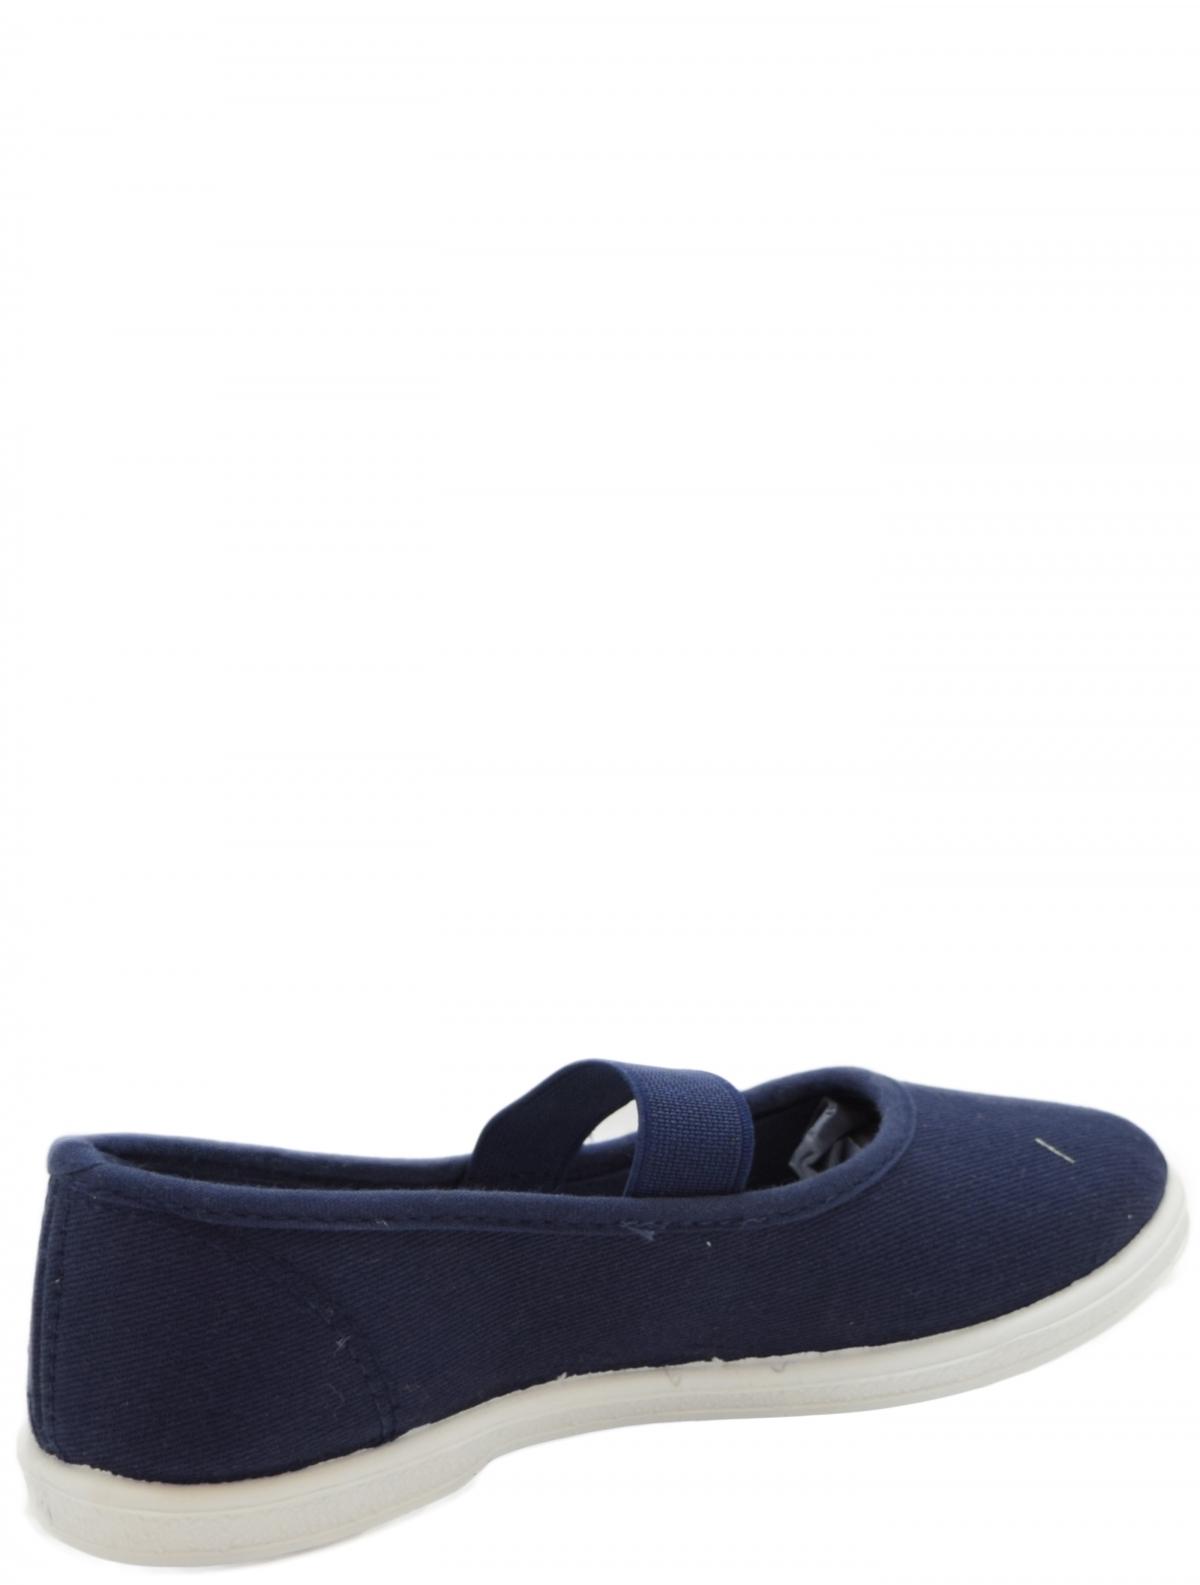 Trien XIA-0519 туфли для девочки